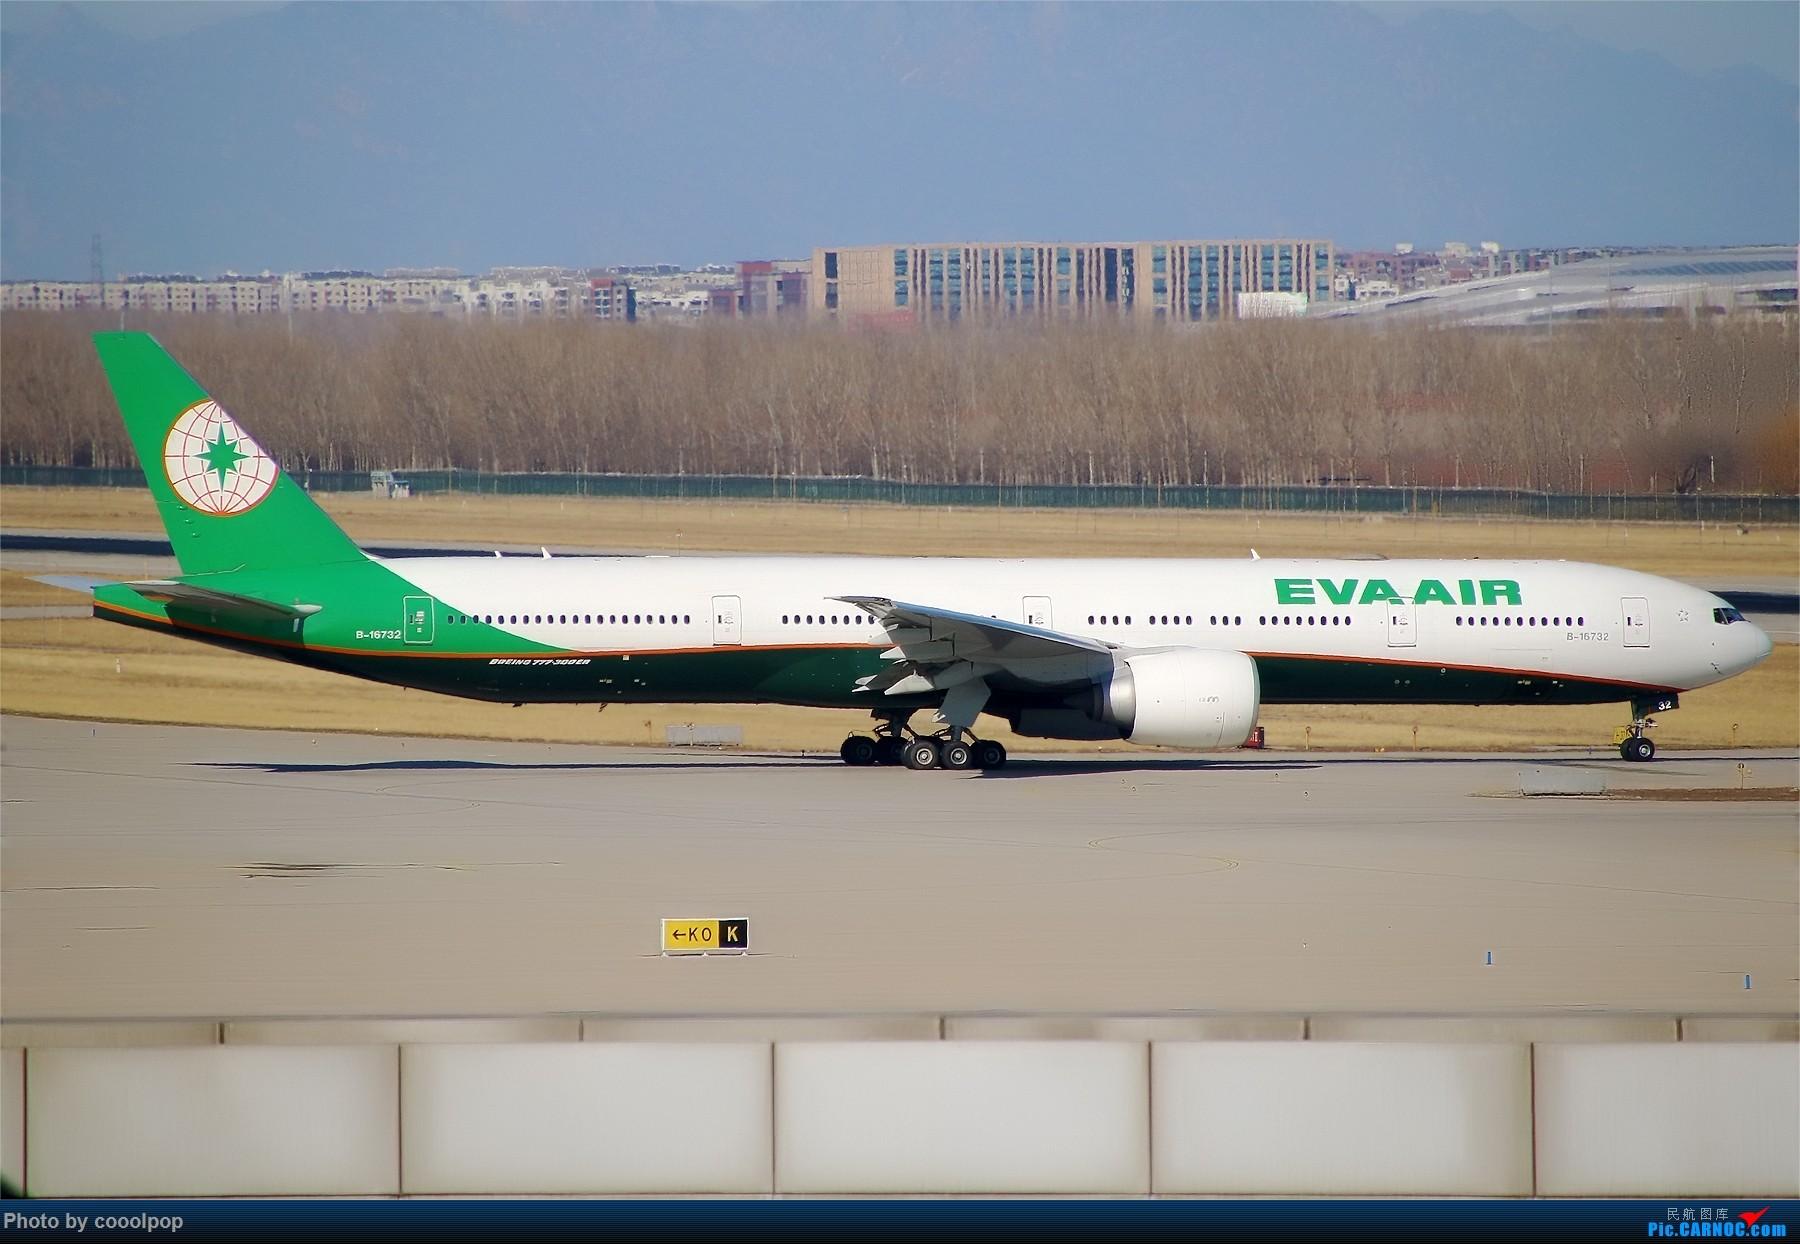 Re:[原创]PEK T3 桥上的一些大鸟!牌彩绘是要拼人品哒! BOEING 777-300ER B-16732 中国北京首都国际机场